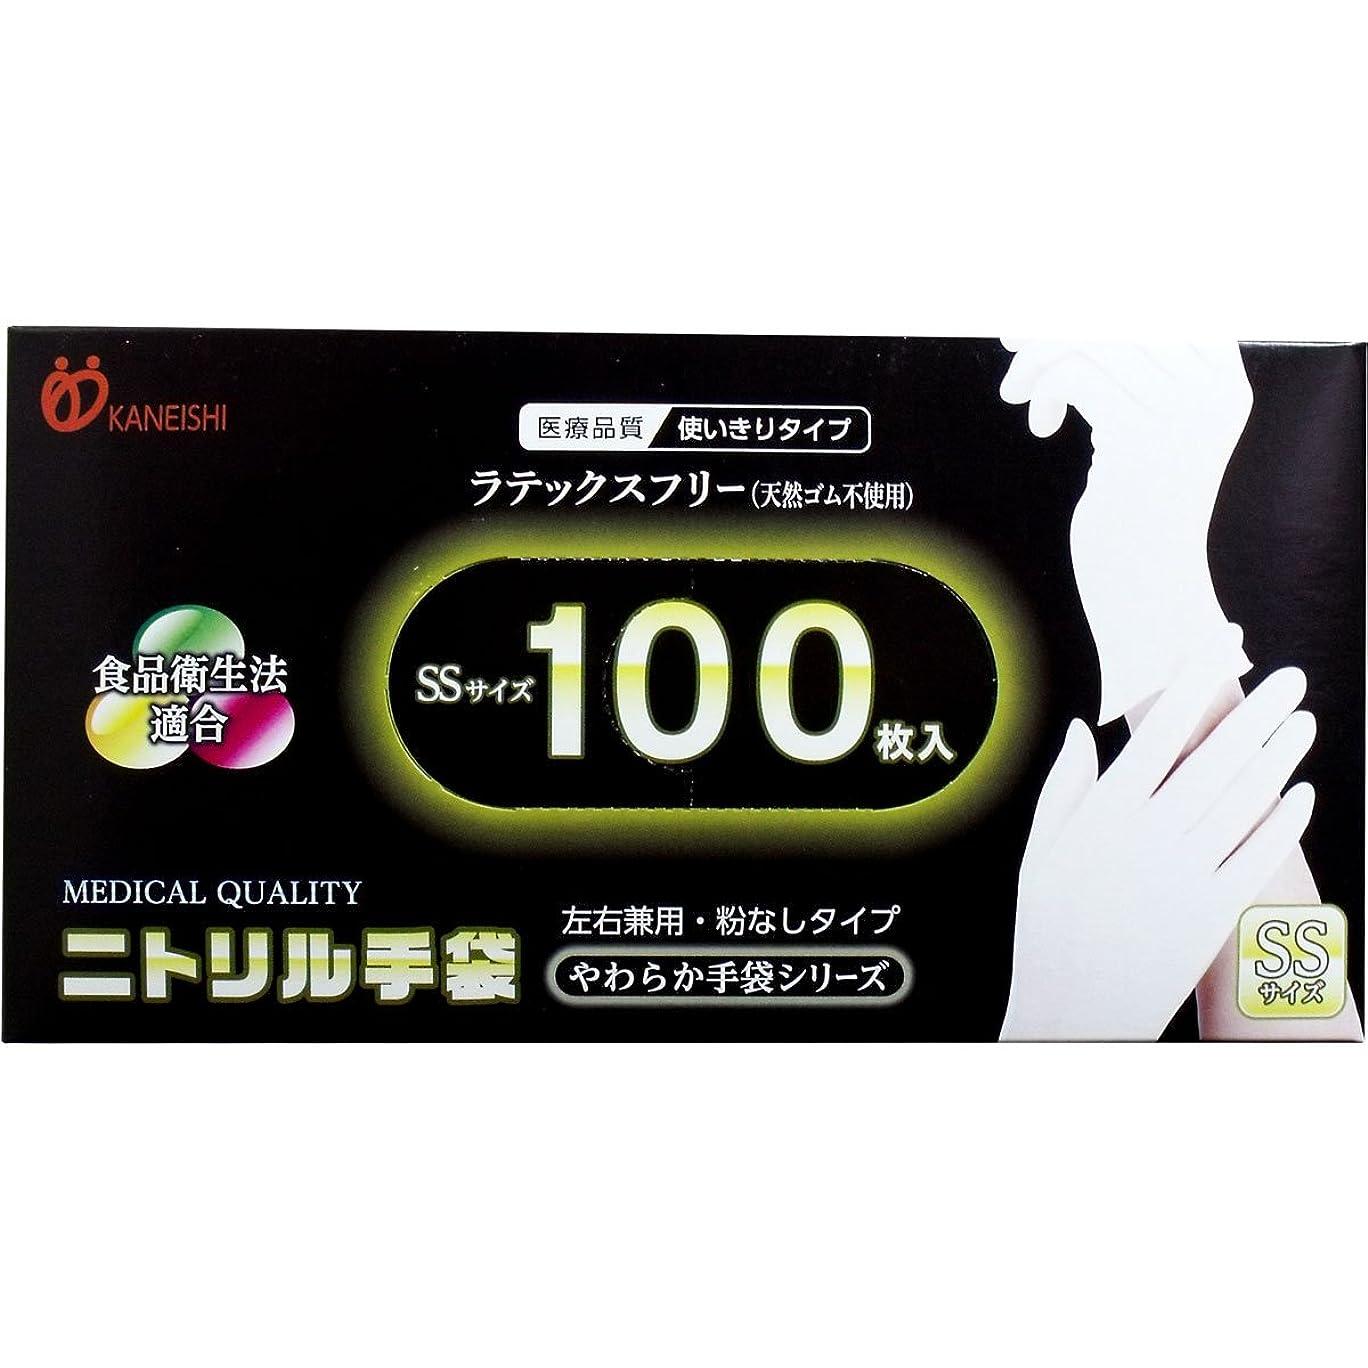 平方せっかち悲しむ天然ゴム 手袋 指先の感覚を大切に 衛生的 やわらかニトリル手袋 パウダーフリー 100枚入 SSサイズ【2個セット】